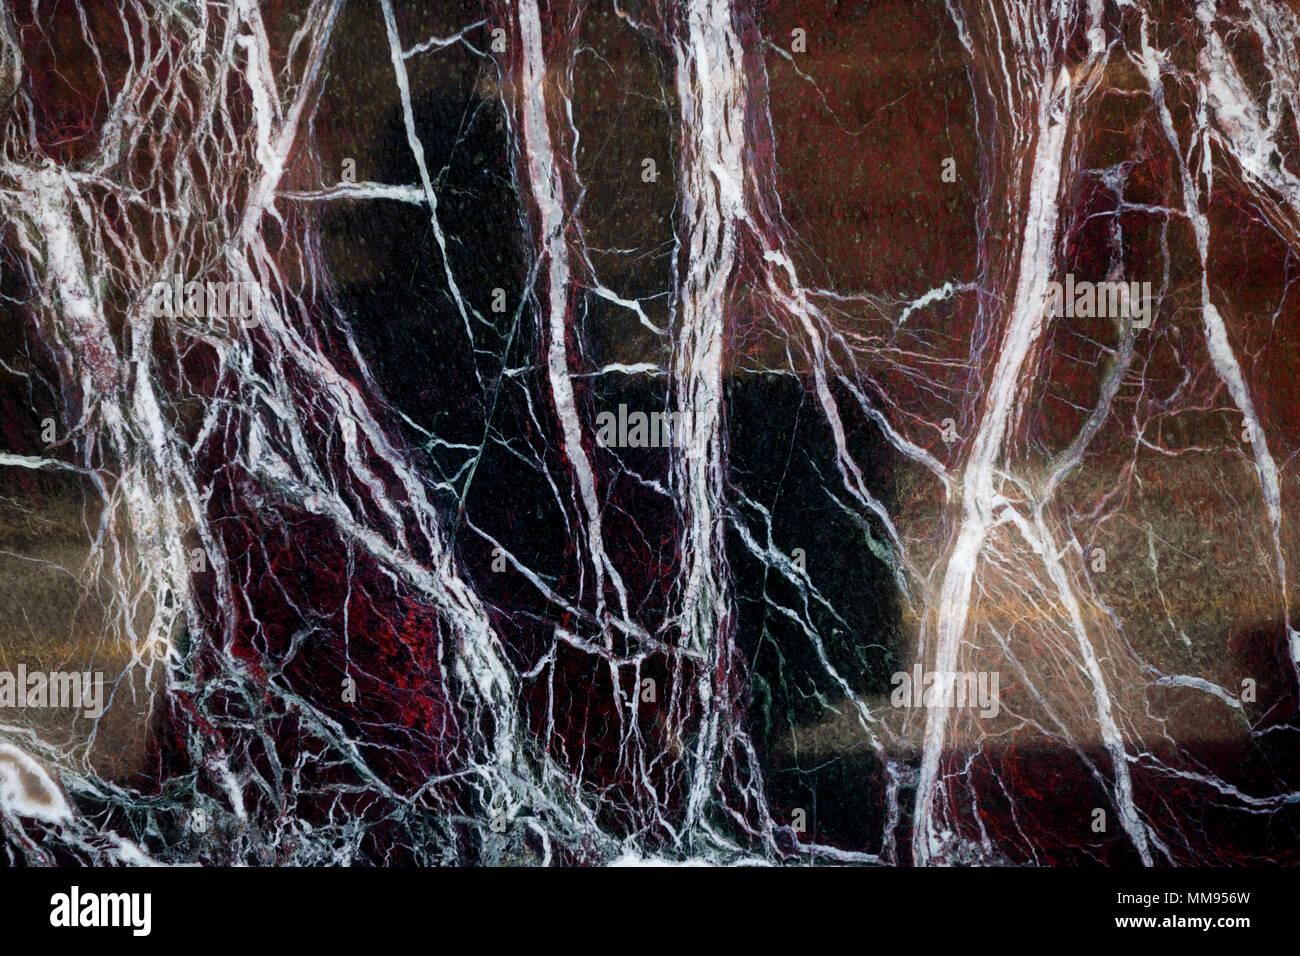 Gros plan des veines dans un mur en marbre ou granit faire un motif intéressant Photo Stock